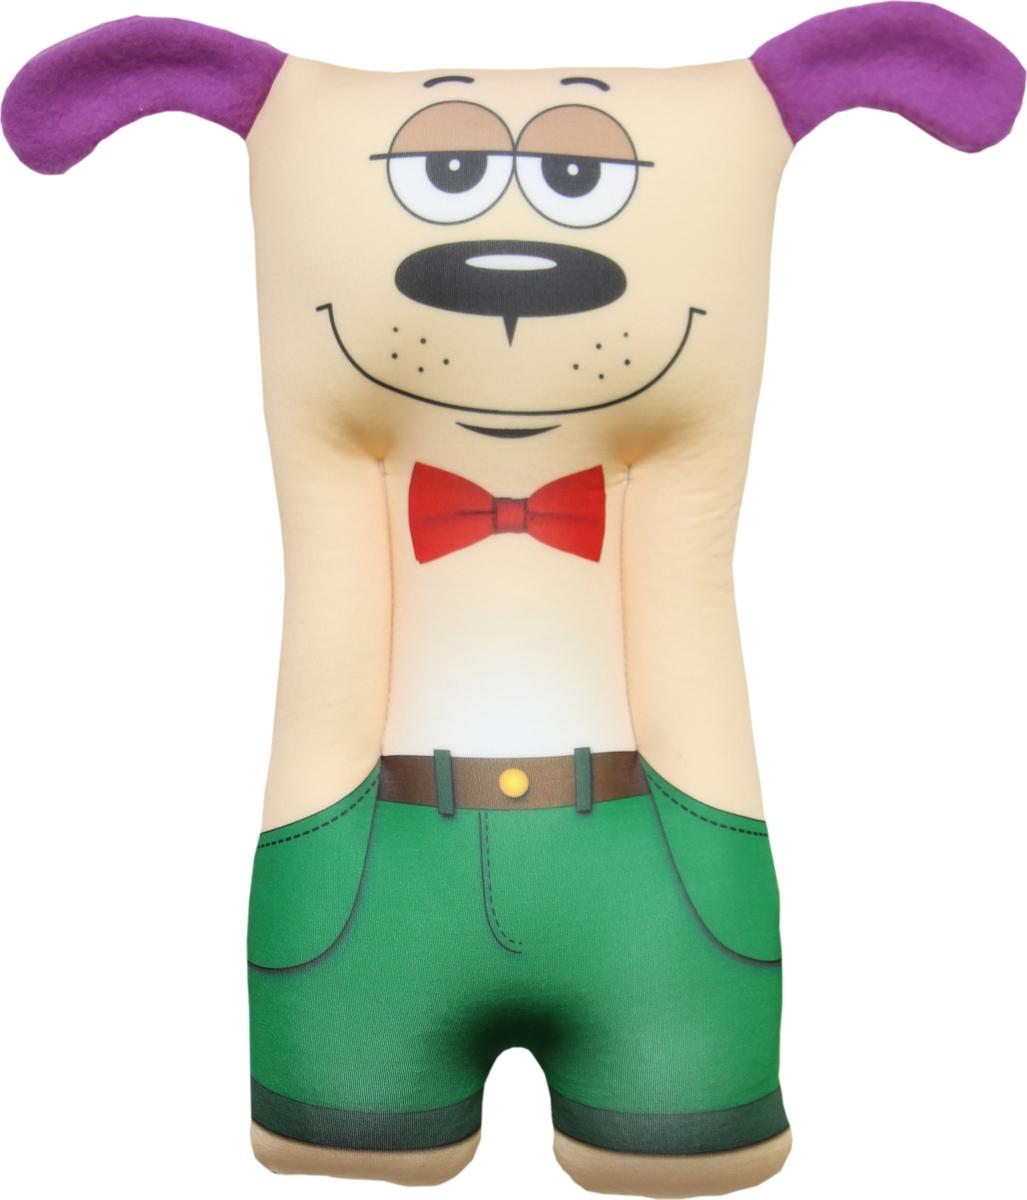 Подушка-игрушка Штучки, к которым тянутся ручки Антистрессовая Руки в брюки собака, коричневый, зеленый mark lynn anderson twilight of the idols